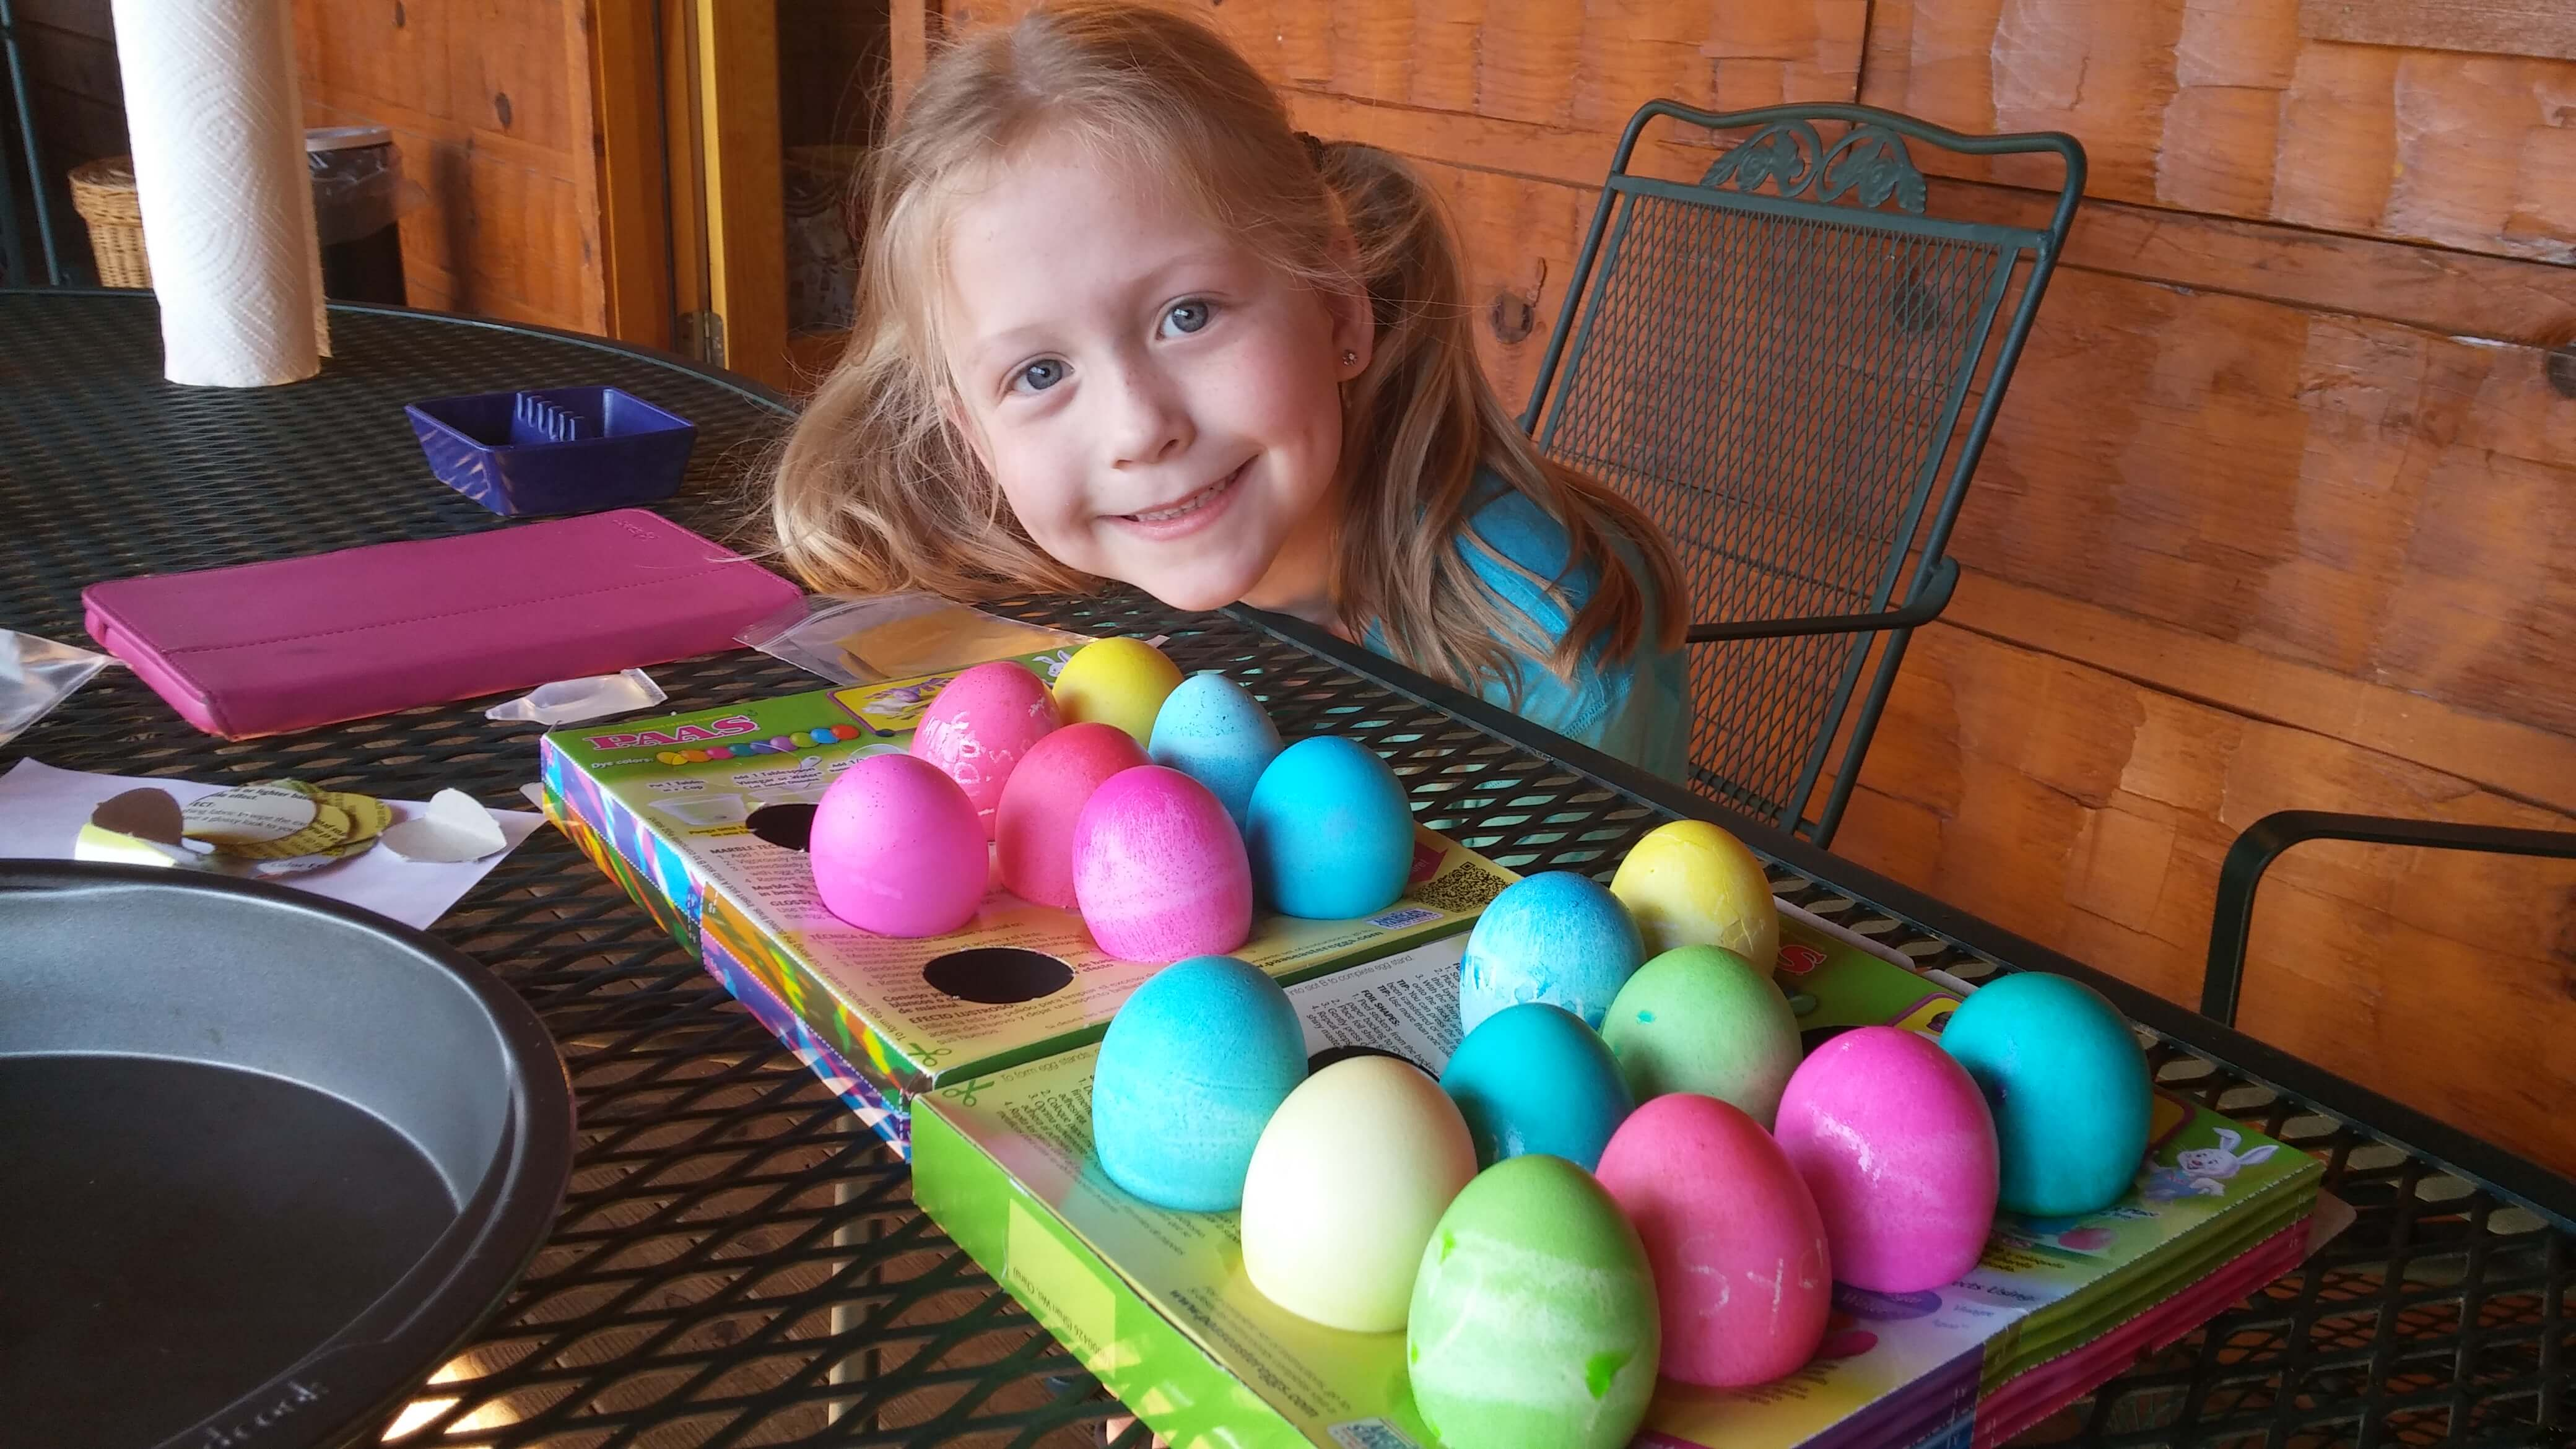 yH5BAEAAAAALAAAAAABAAEAAAIBRAA7 - 5 hoạt động thú vị ở Sydney trong dịp lễ Easter